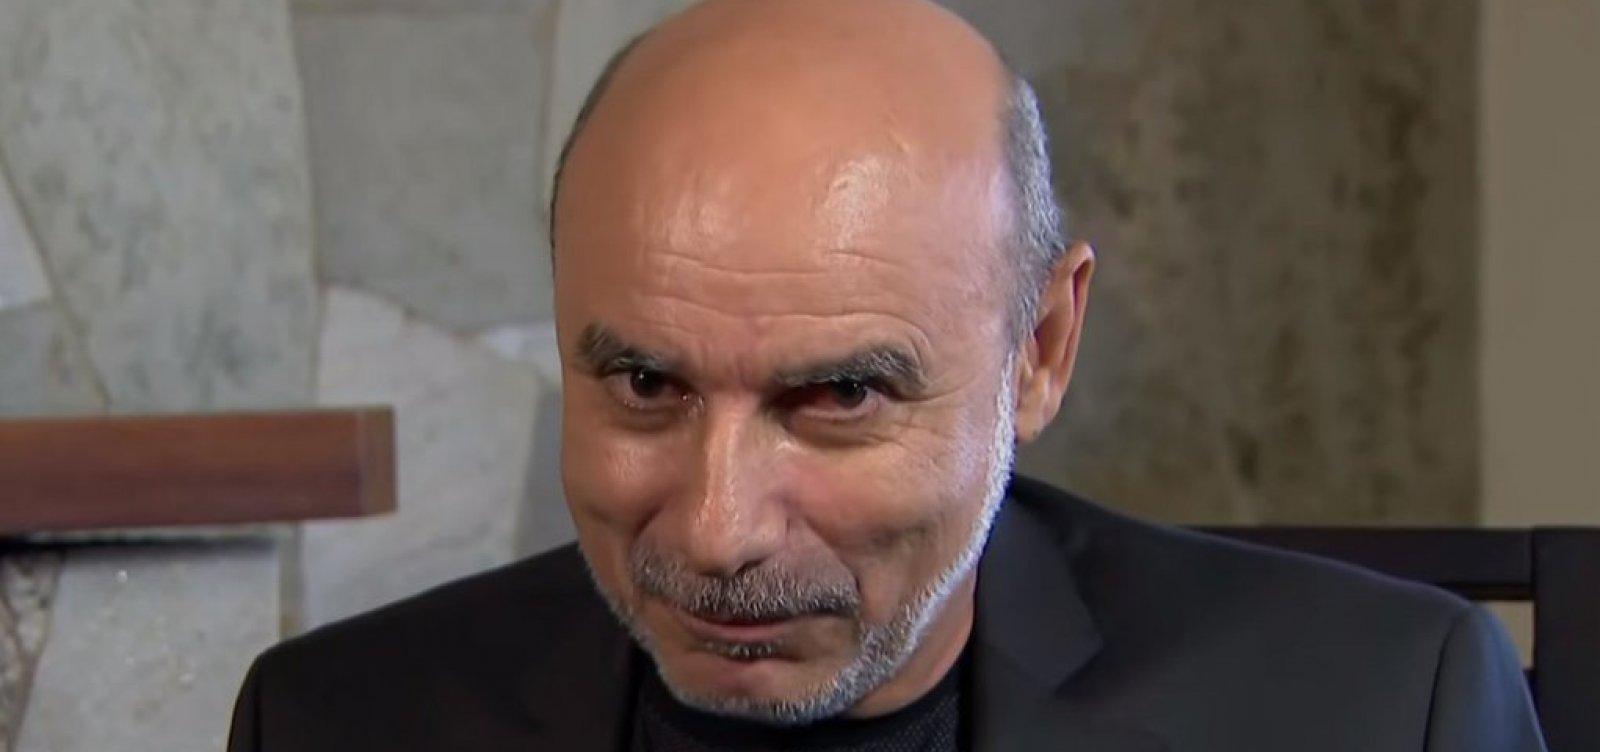 [Investigação de morte envolvendo Queiroz é retomada após 17 anos]